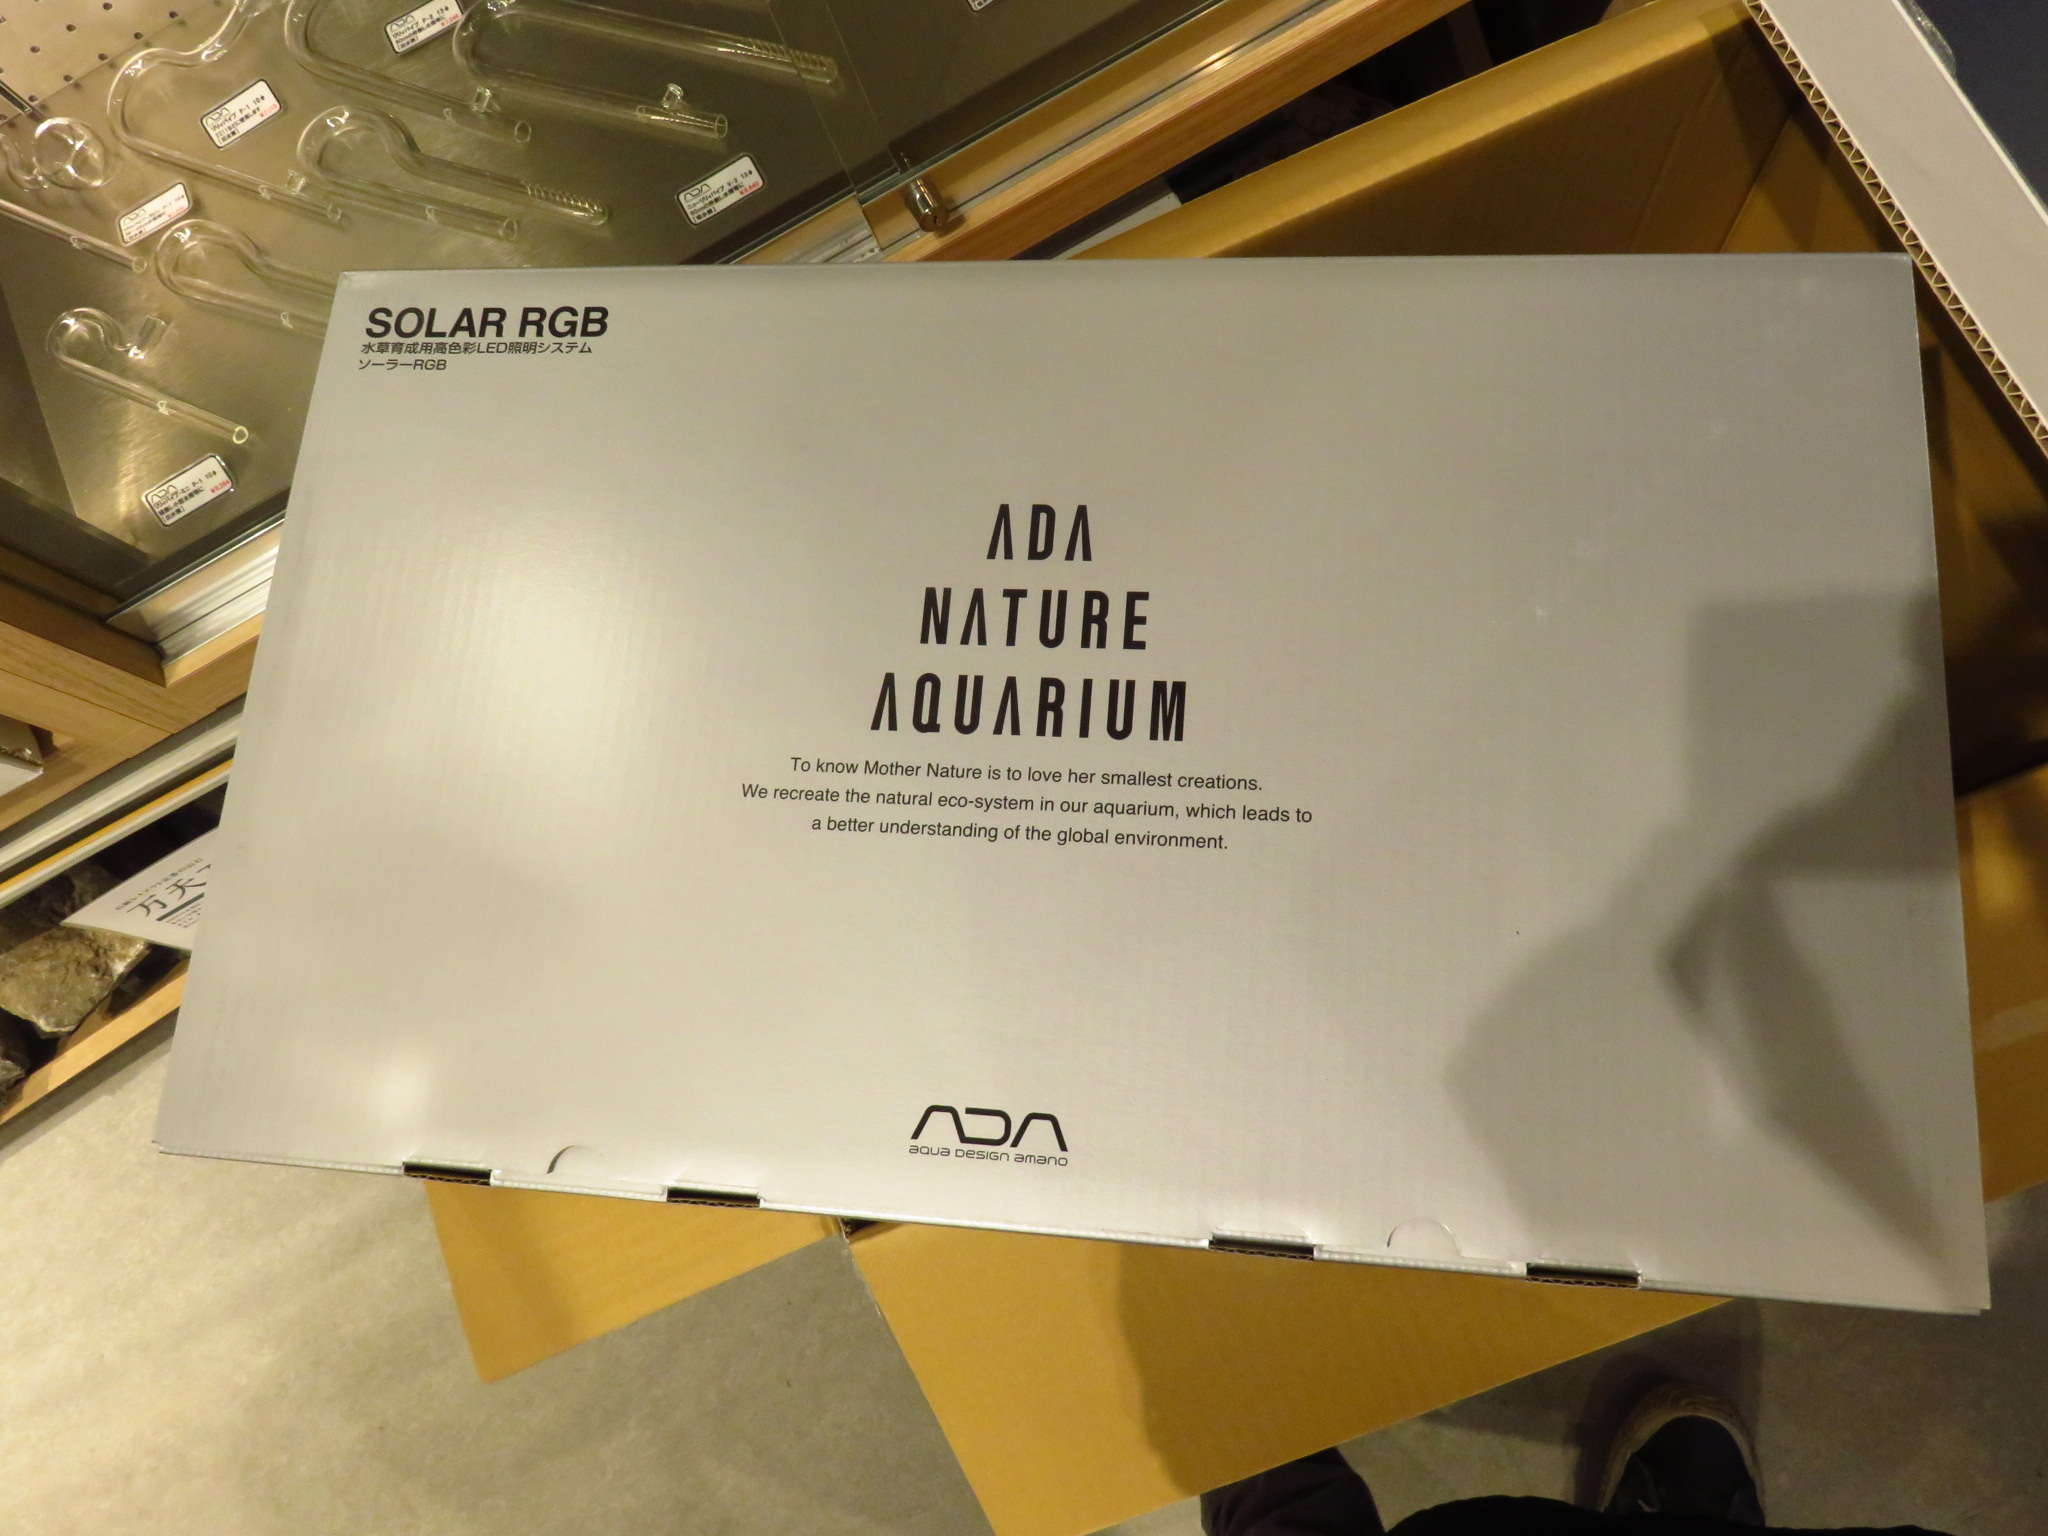 【ソラマチ店】ADA新商品、ソーラーRGB入荷致しました!